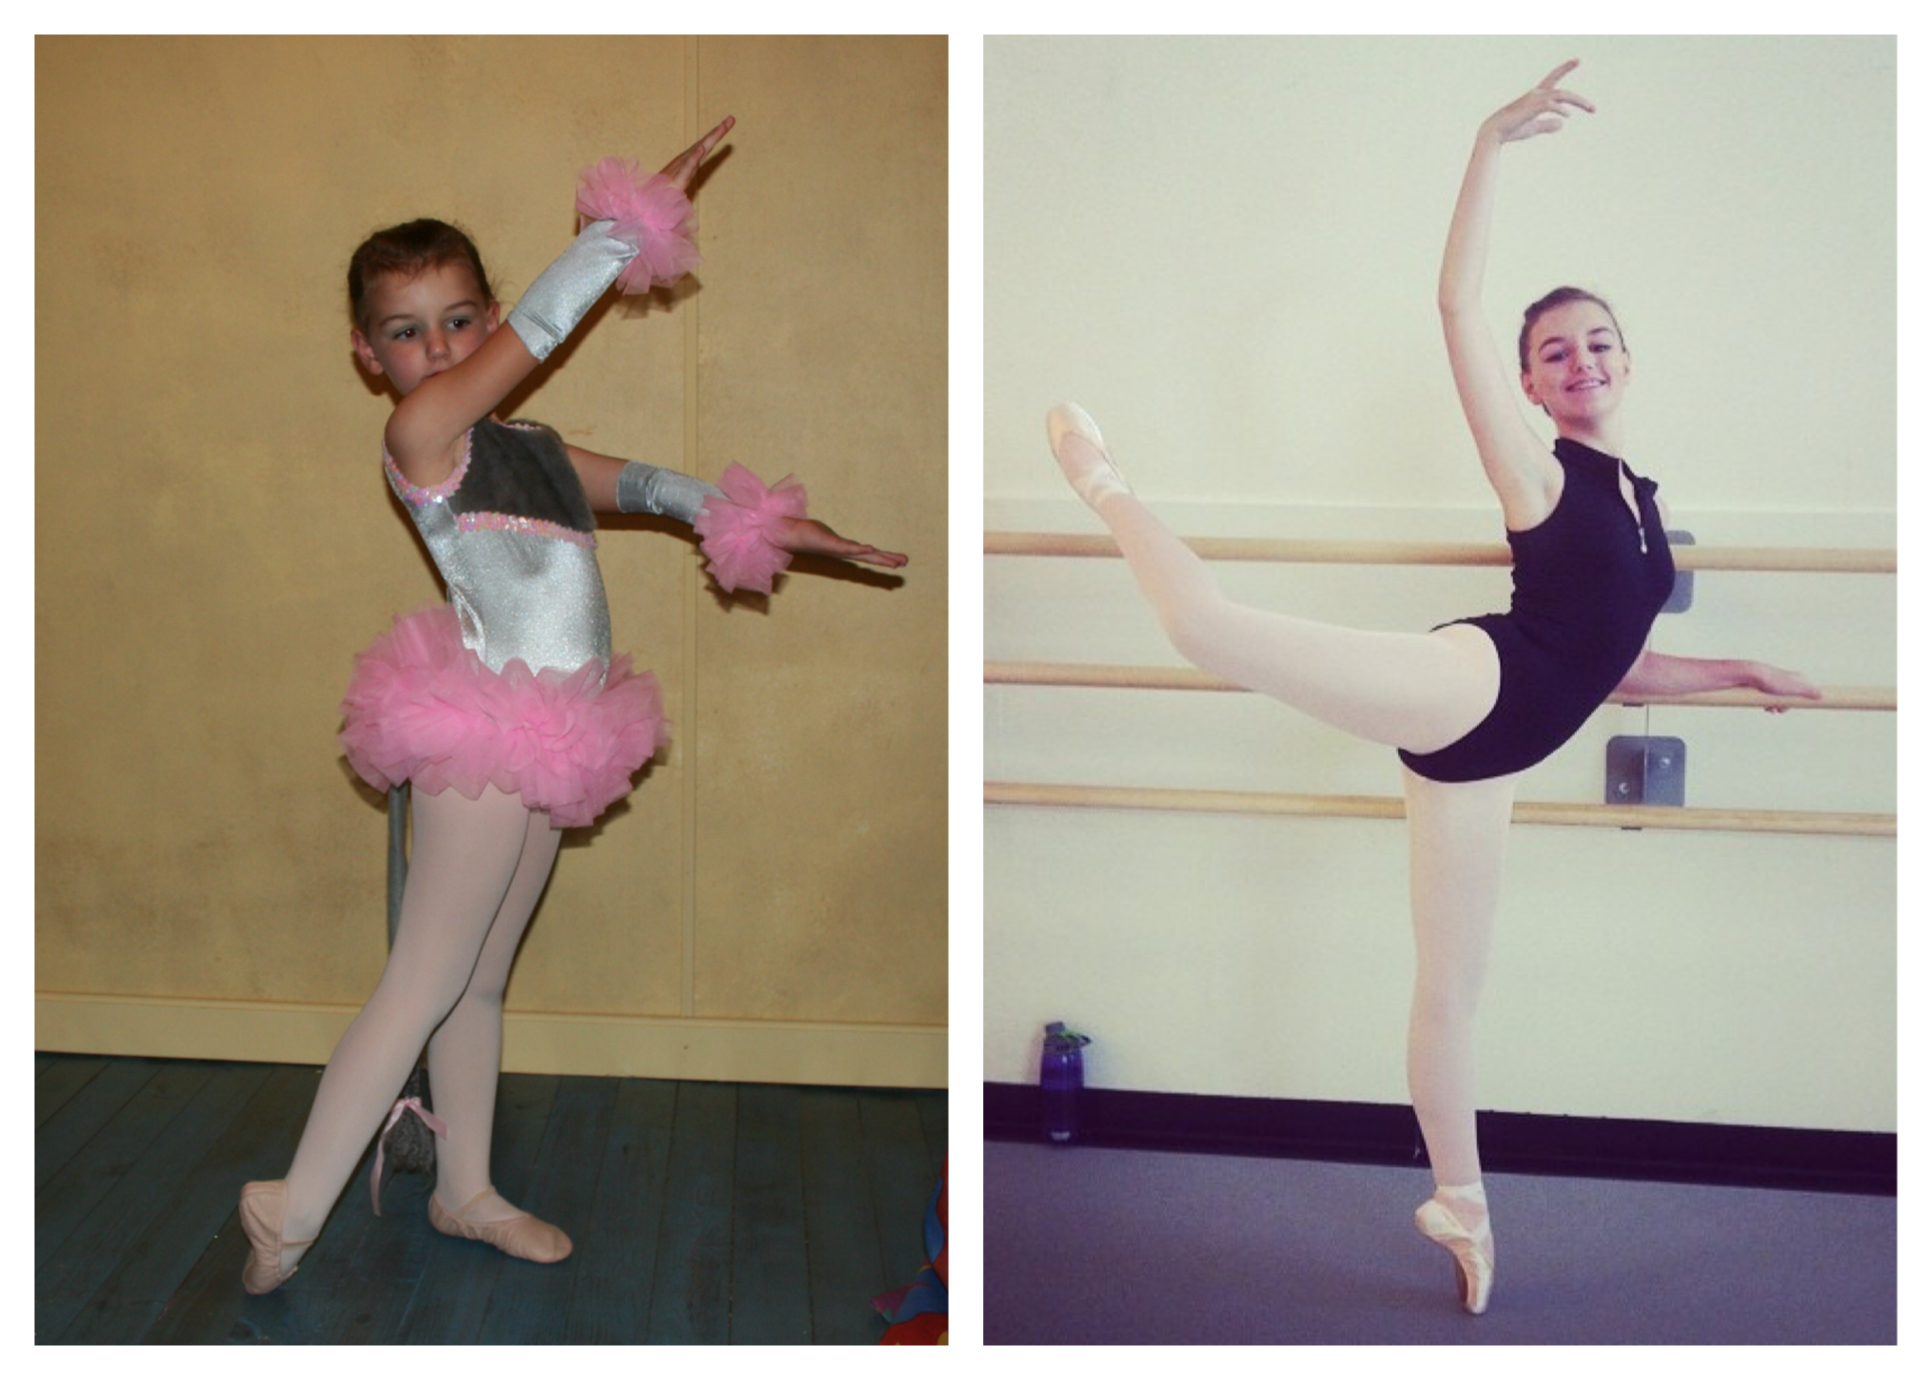 Savannah in her first dance recital and 2014 Dance Summer Intensive #frozensummer2014